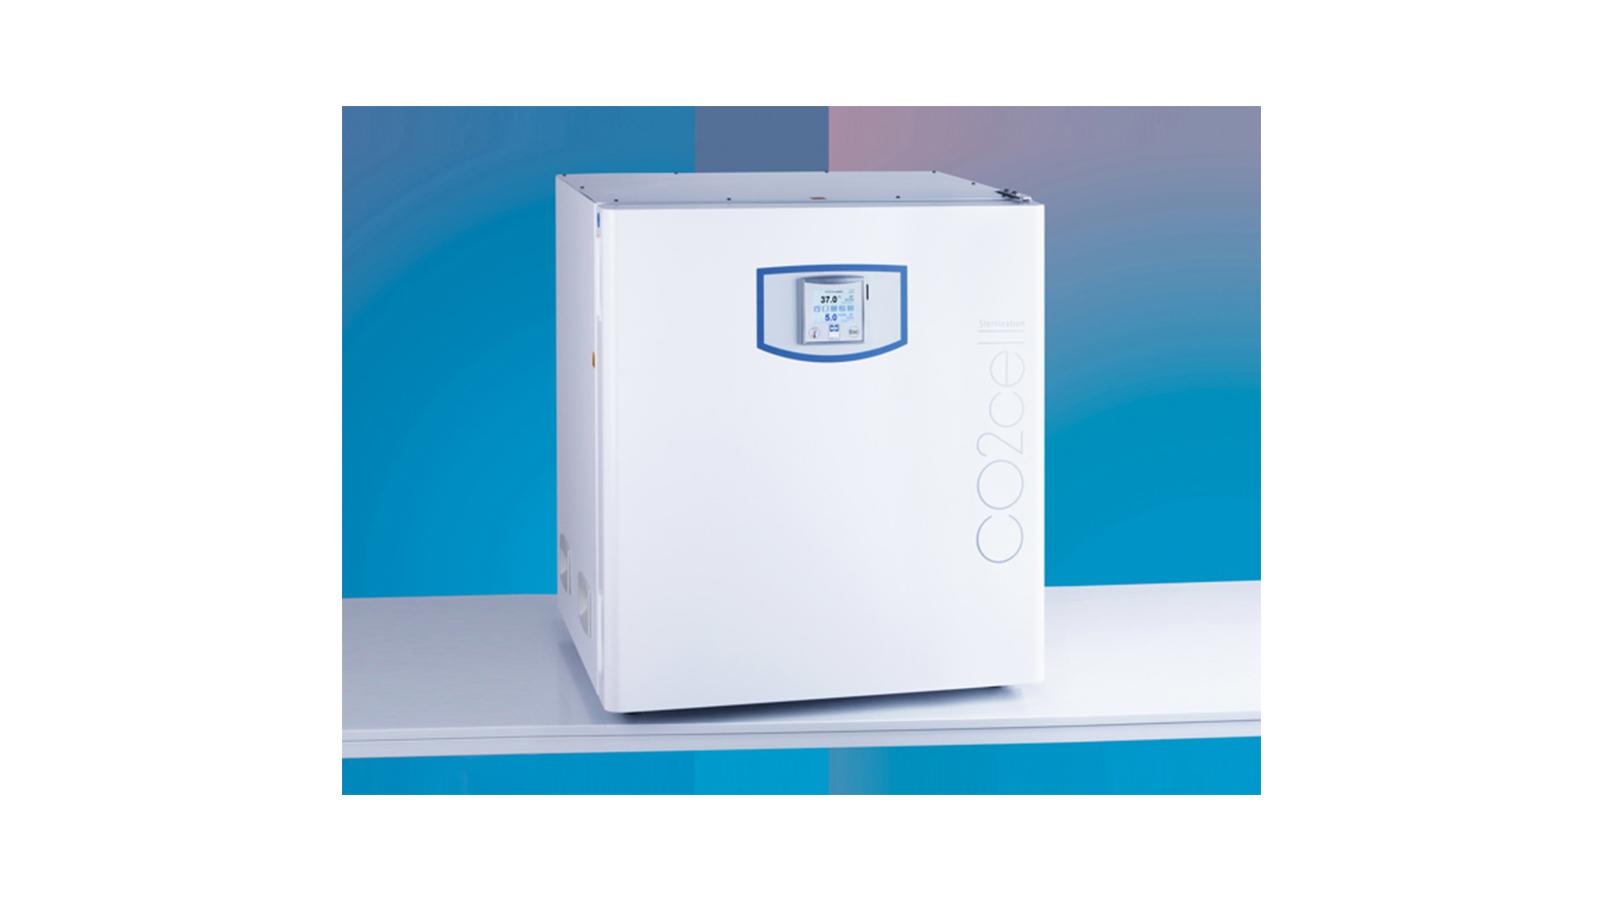 Co2cell 190 - Komfort || Merlab Laboratuvar Ekipmanları